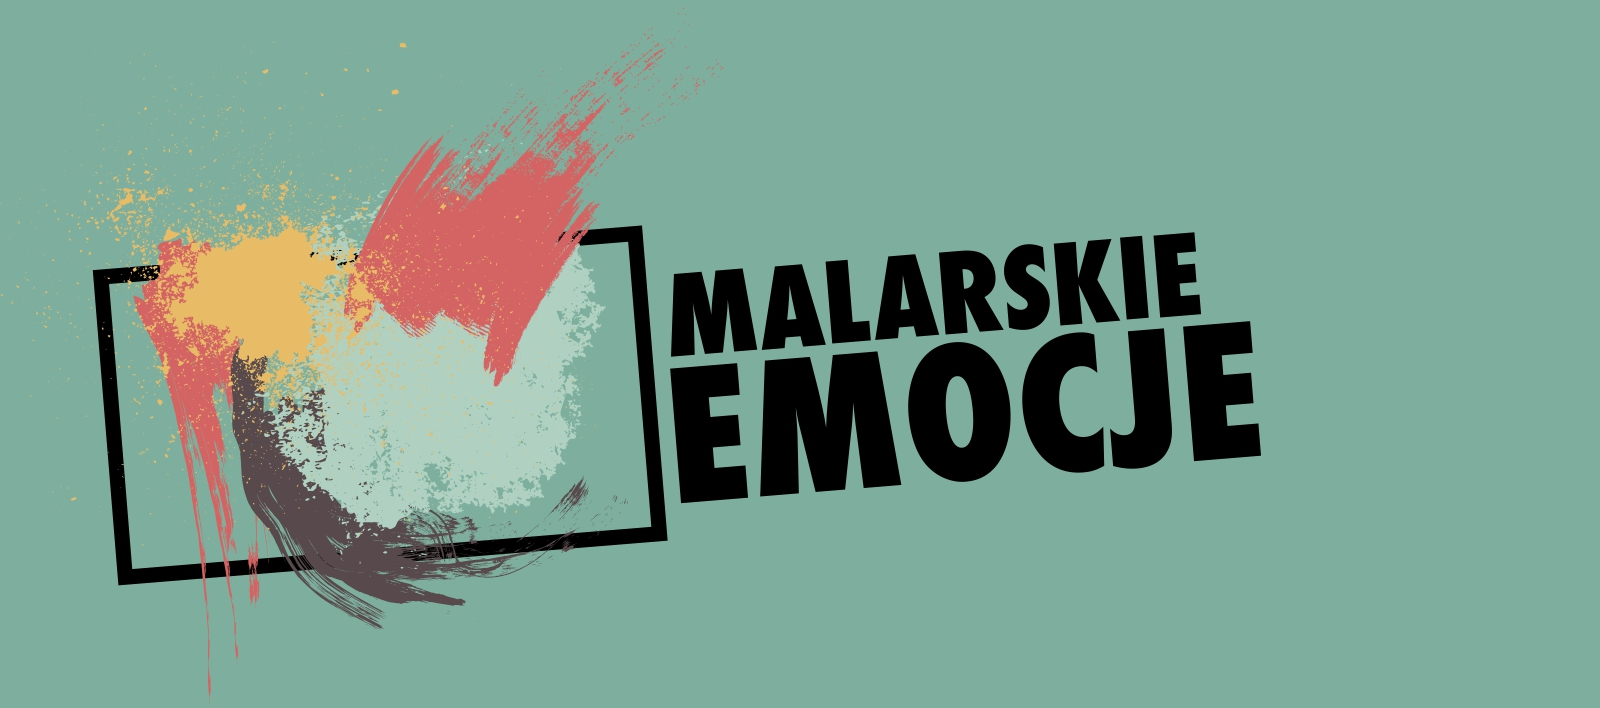 malarskie_emocje_baner_1600.jpg